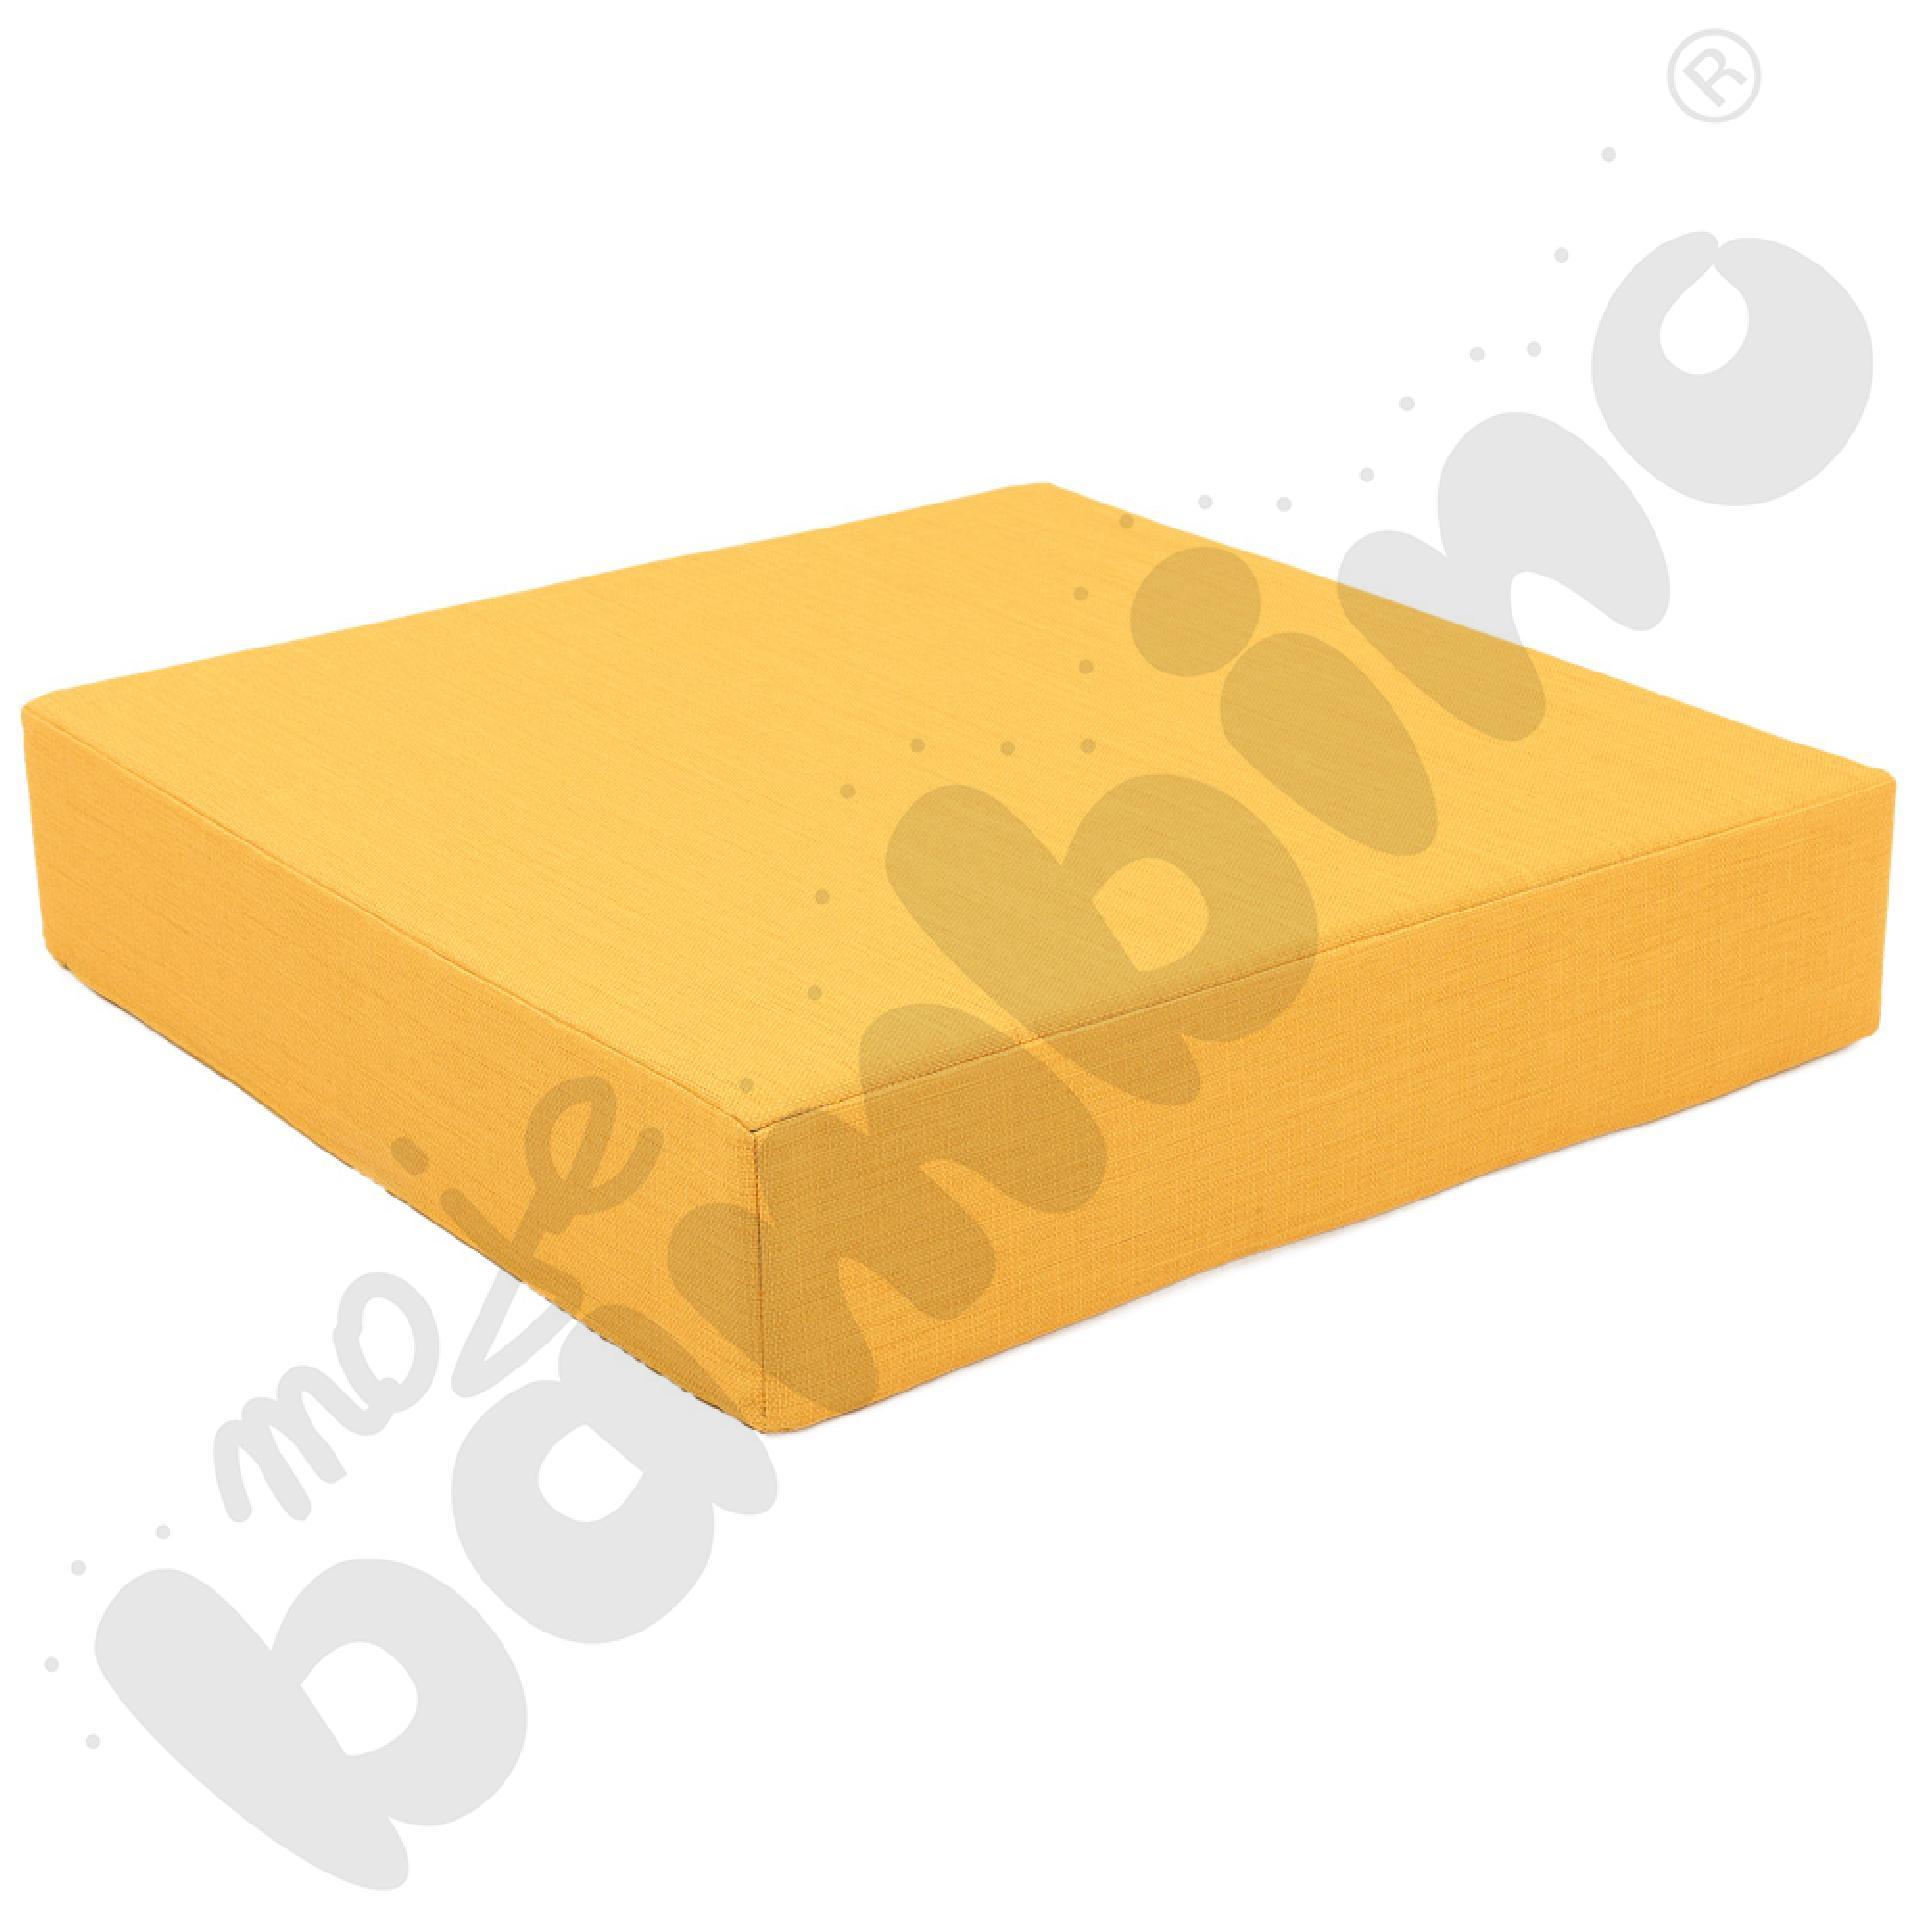 Materac Quadro 2 żółty, wys. 15 cm